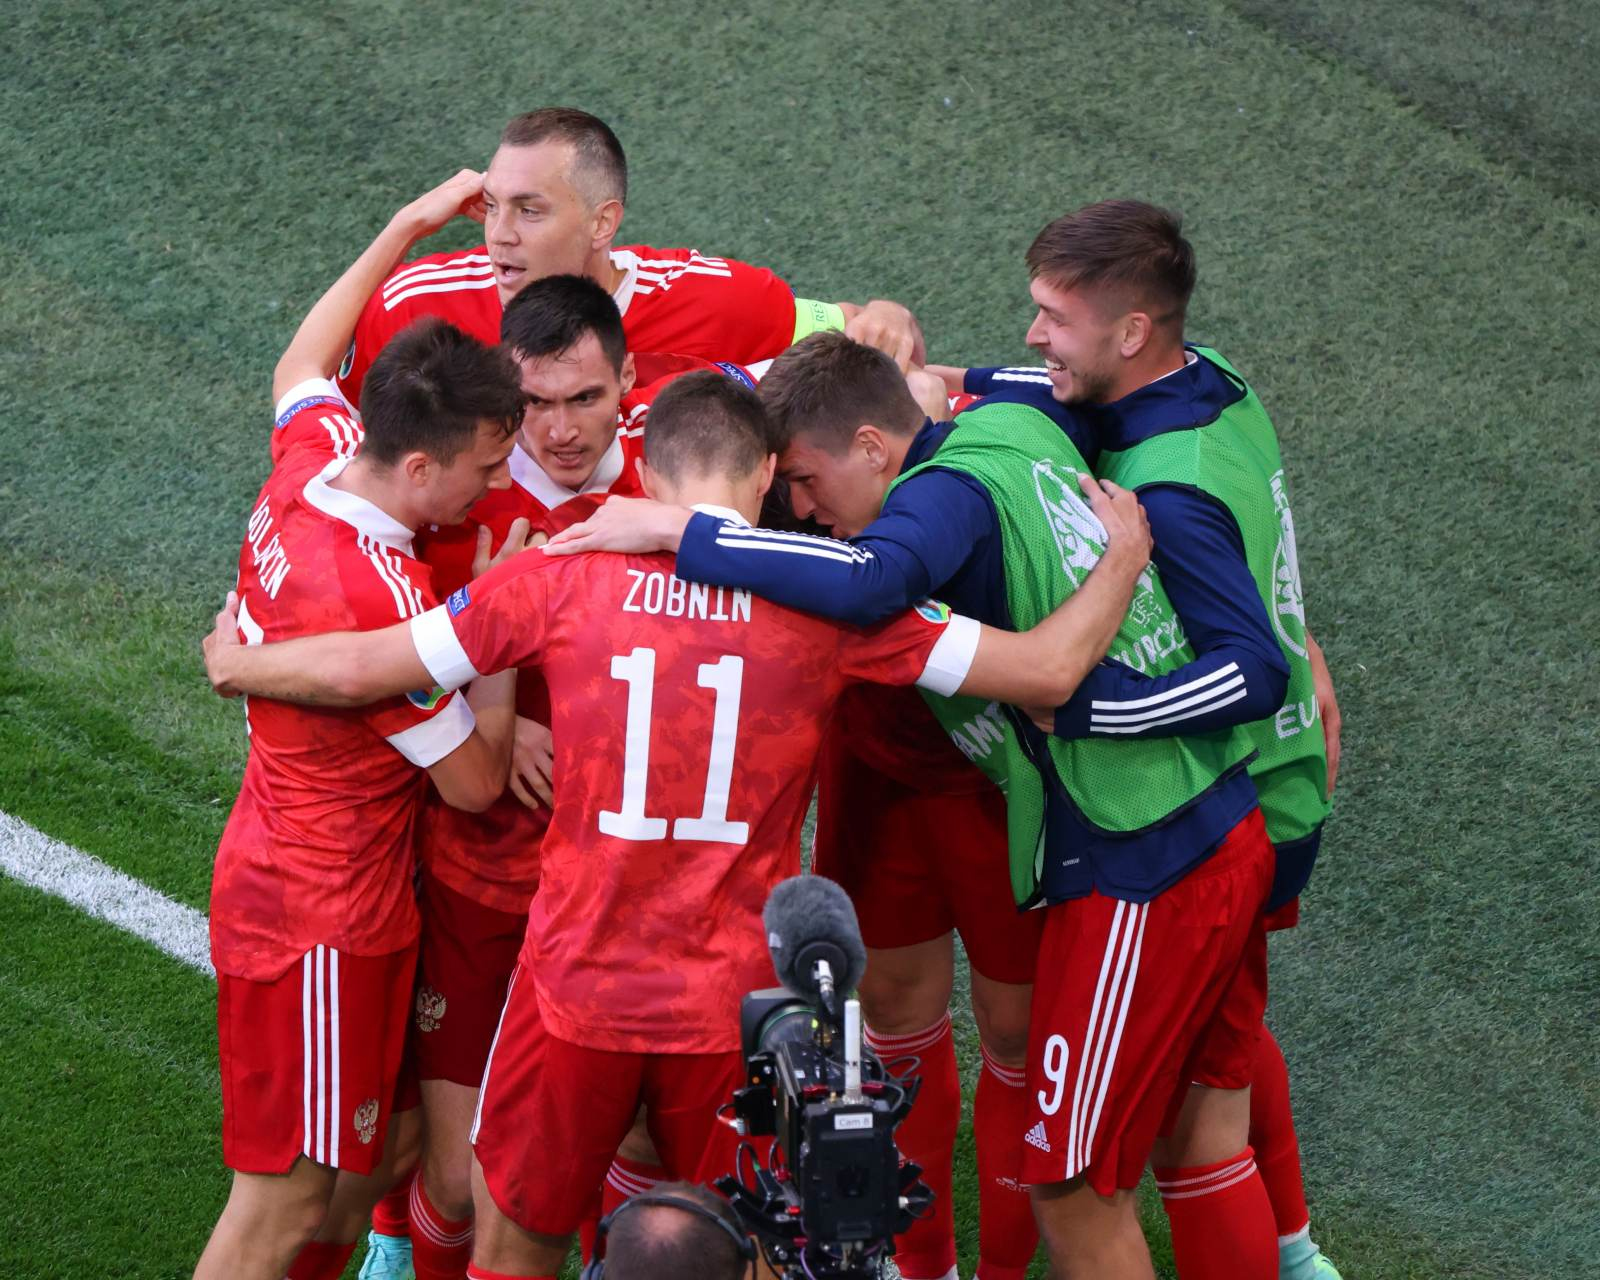 Пономарёв: «На Евро все команды показали хороший футбол, кроме сборной России. Наши во всём не дотягивают»